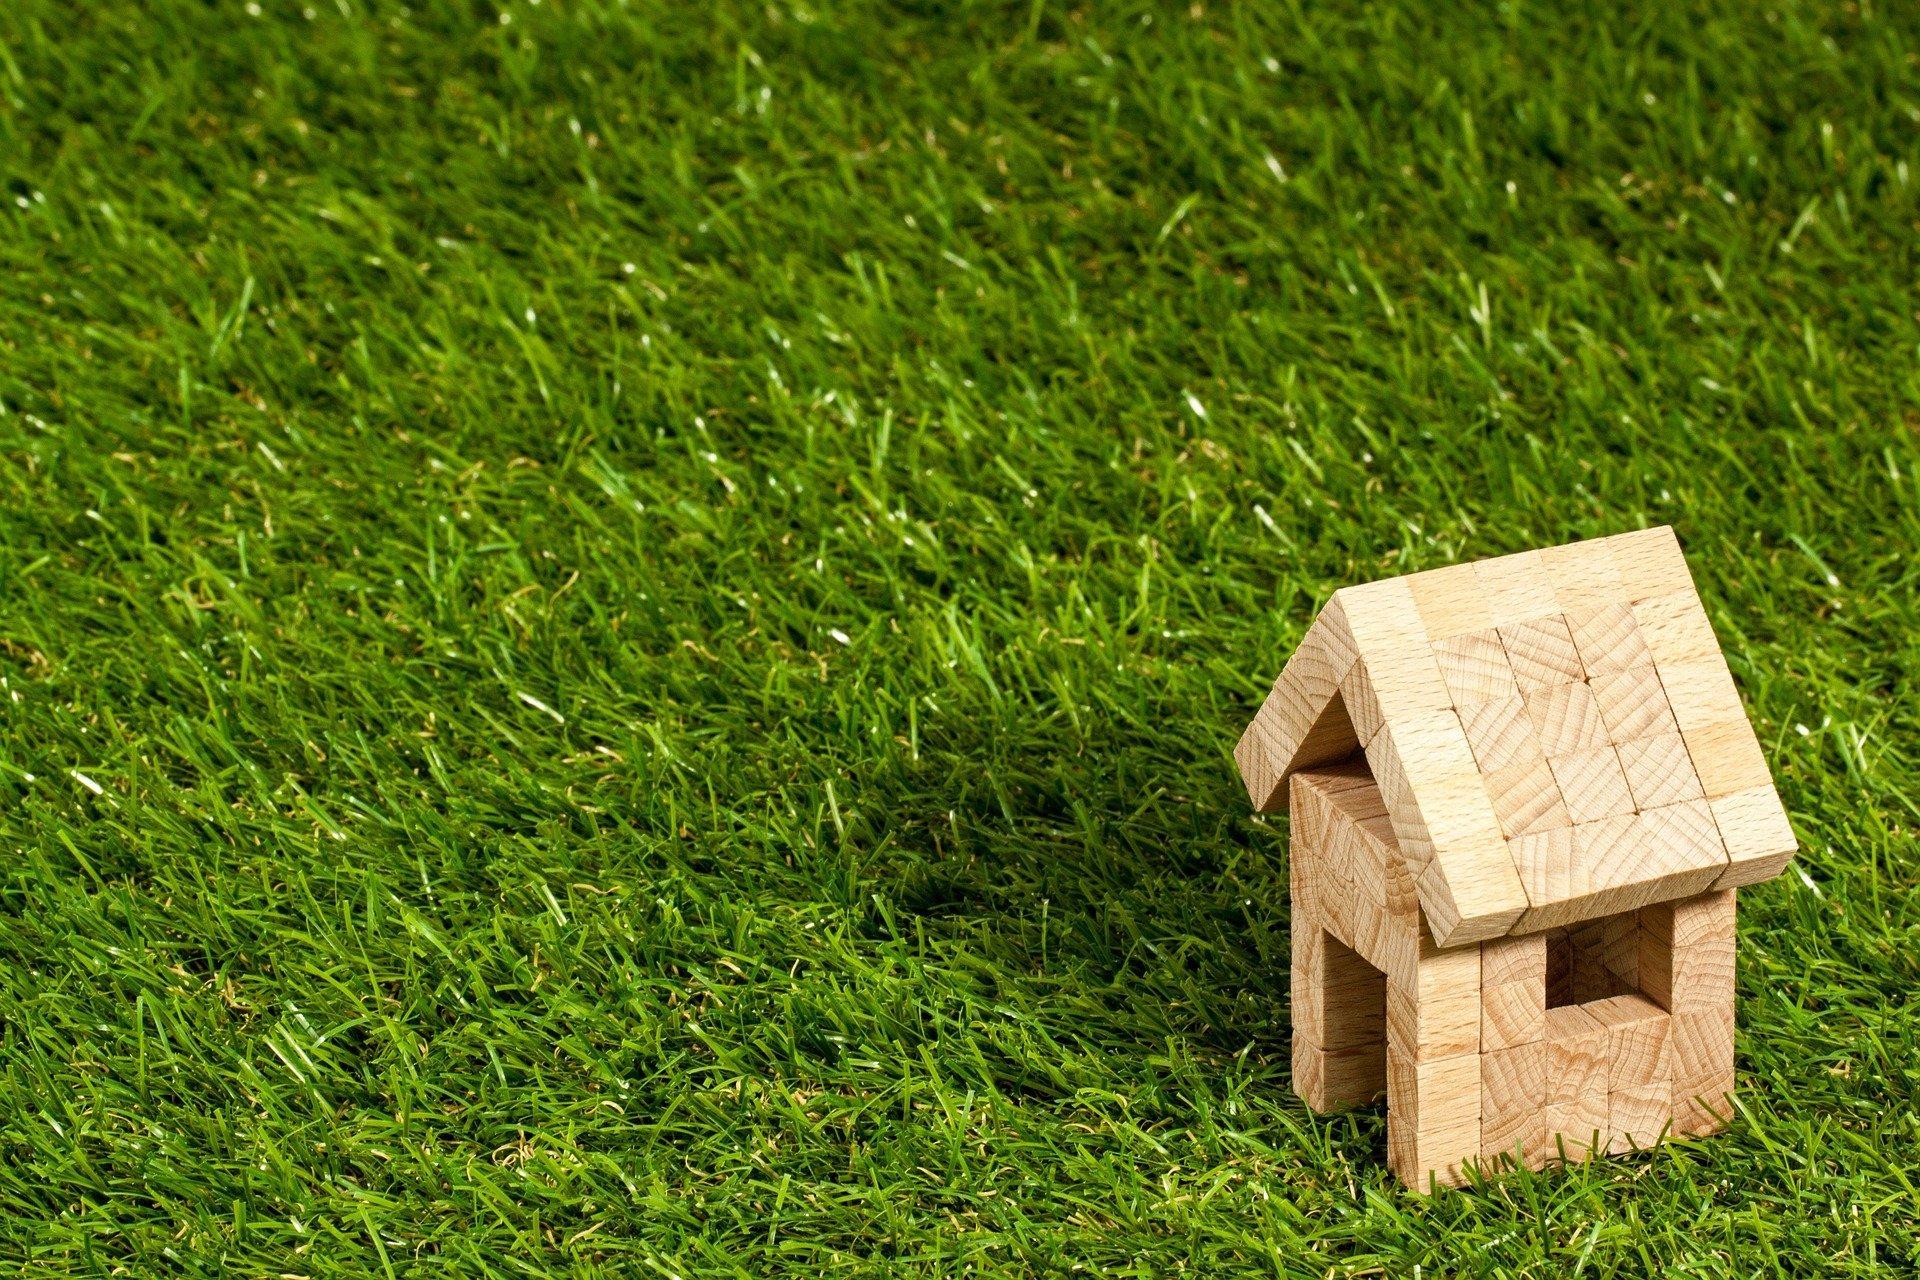 petite maison sur gazon vert